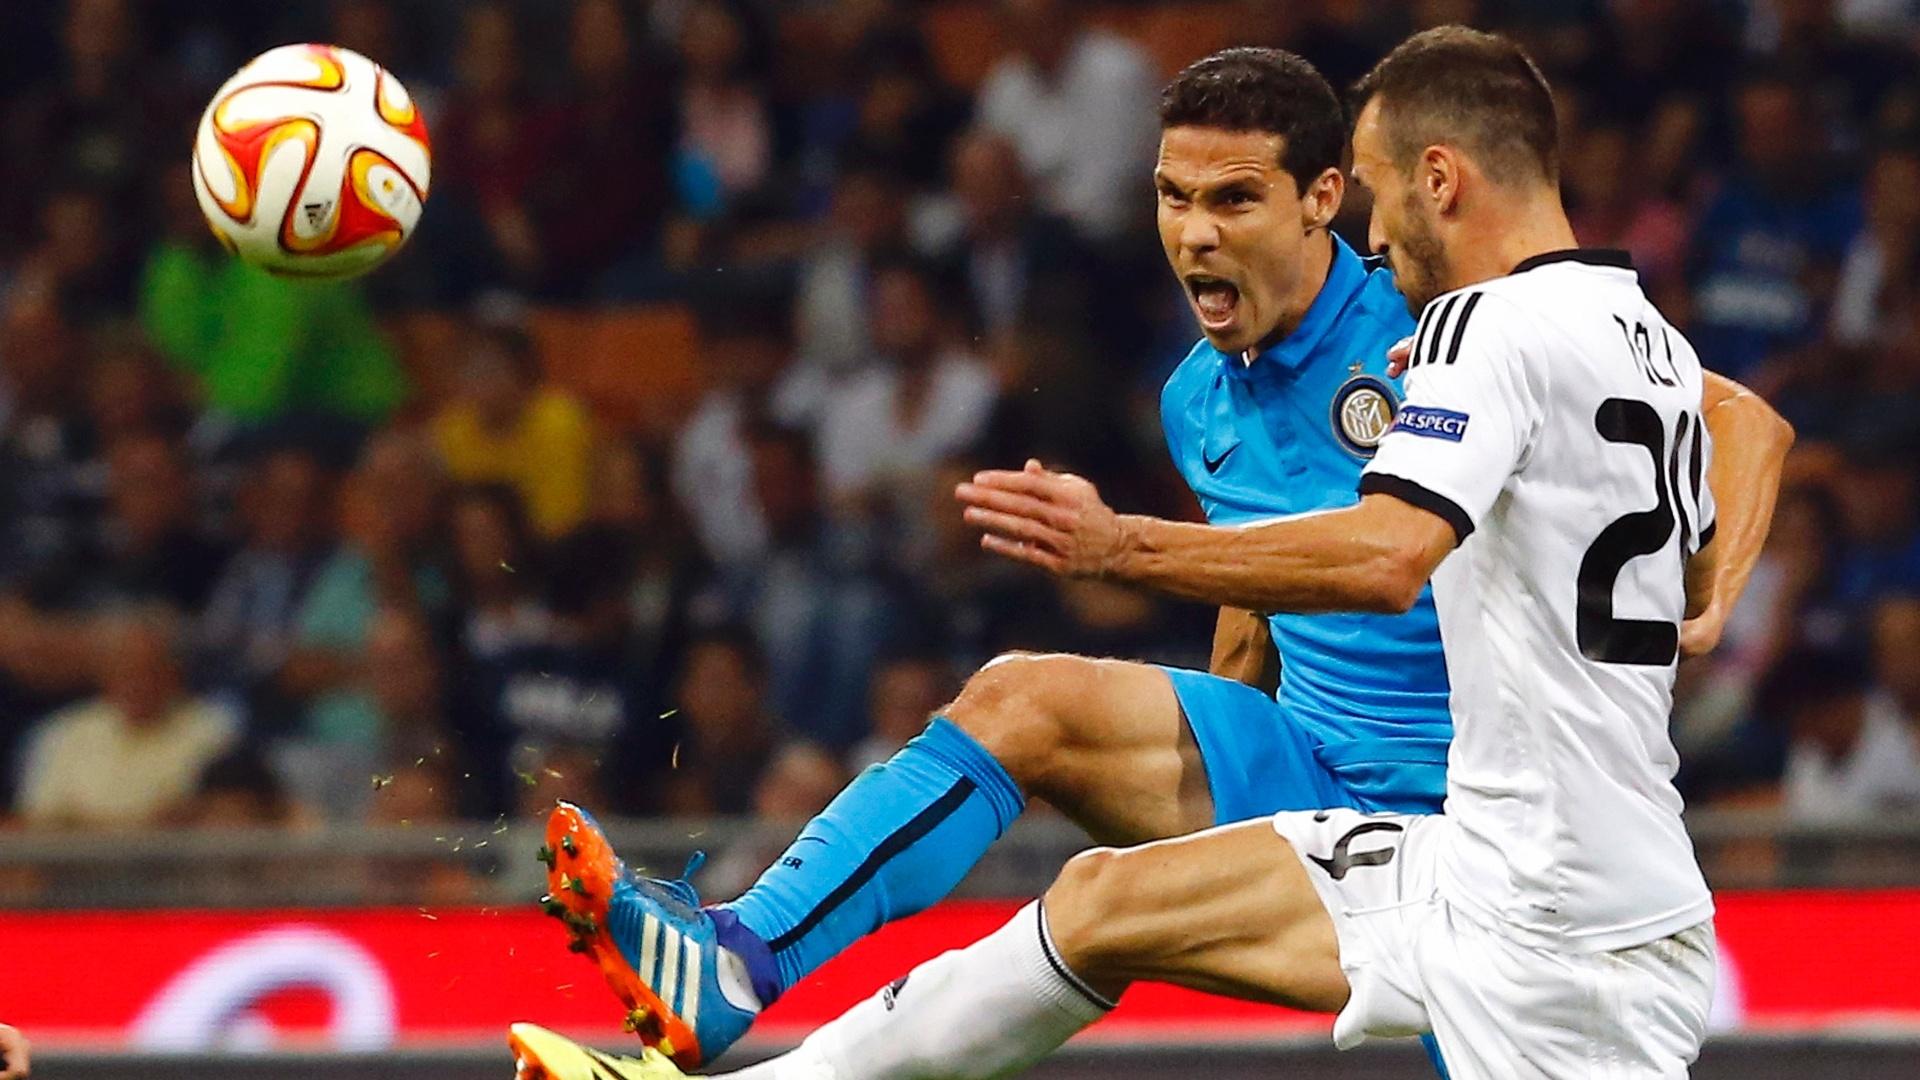 Hernanes divide bola em partida da Inter de Milão contra o Qarabag, pela Liga Europa